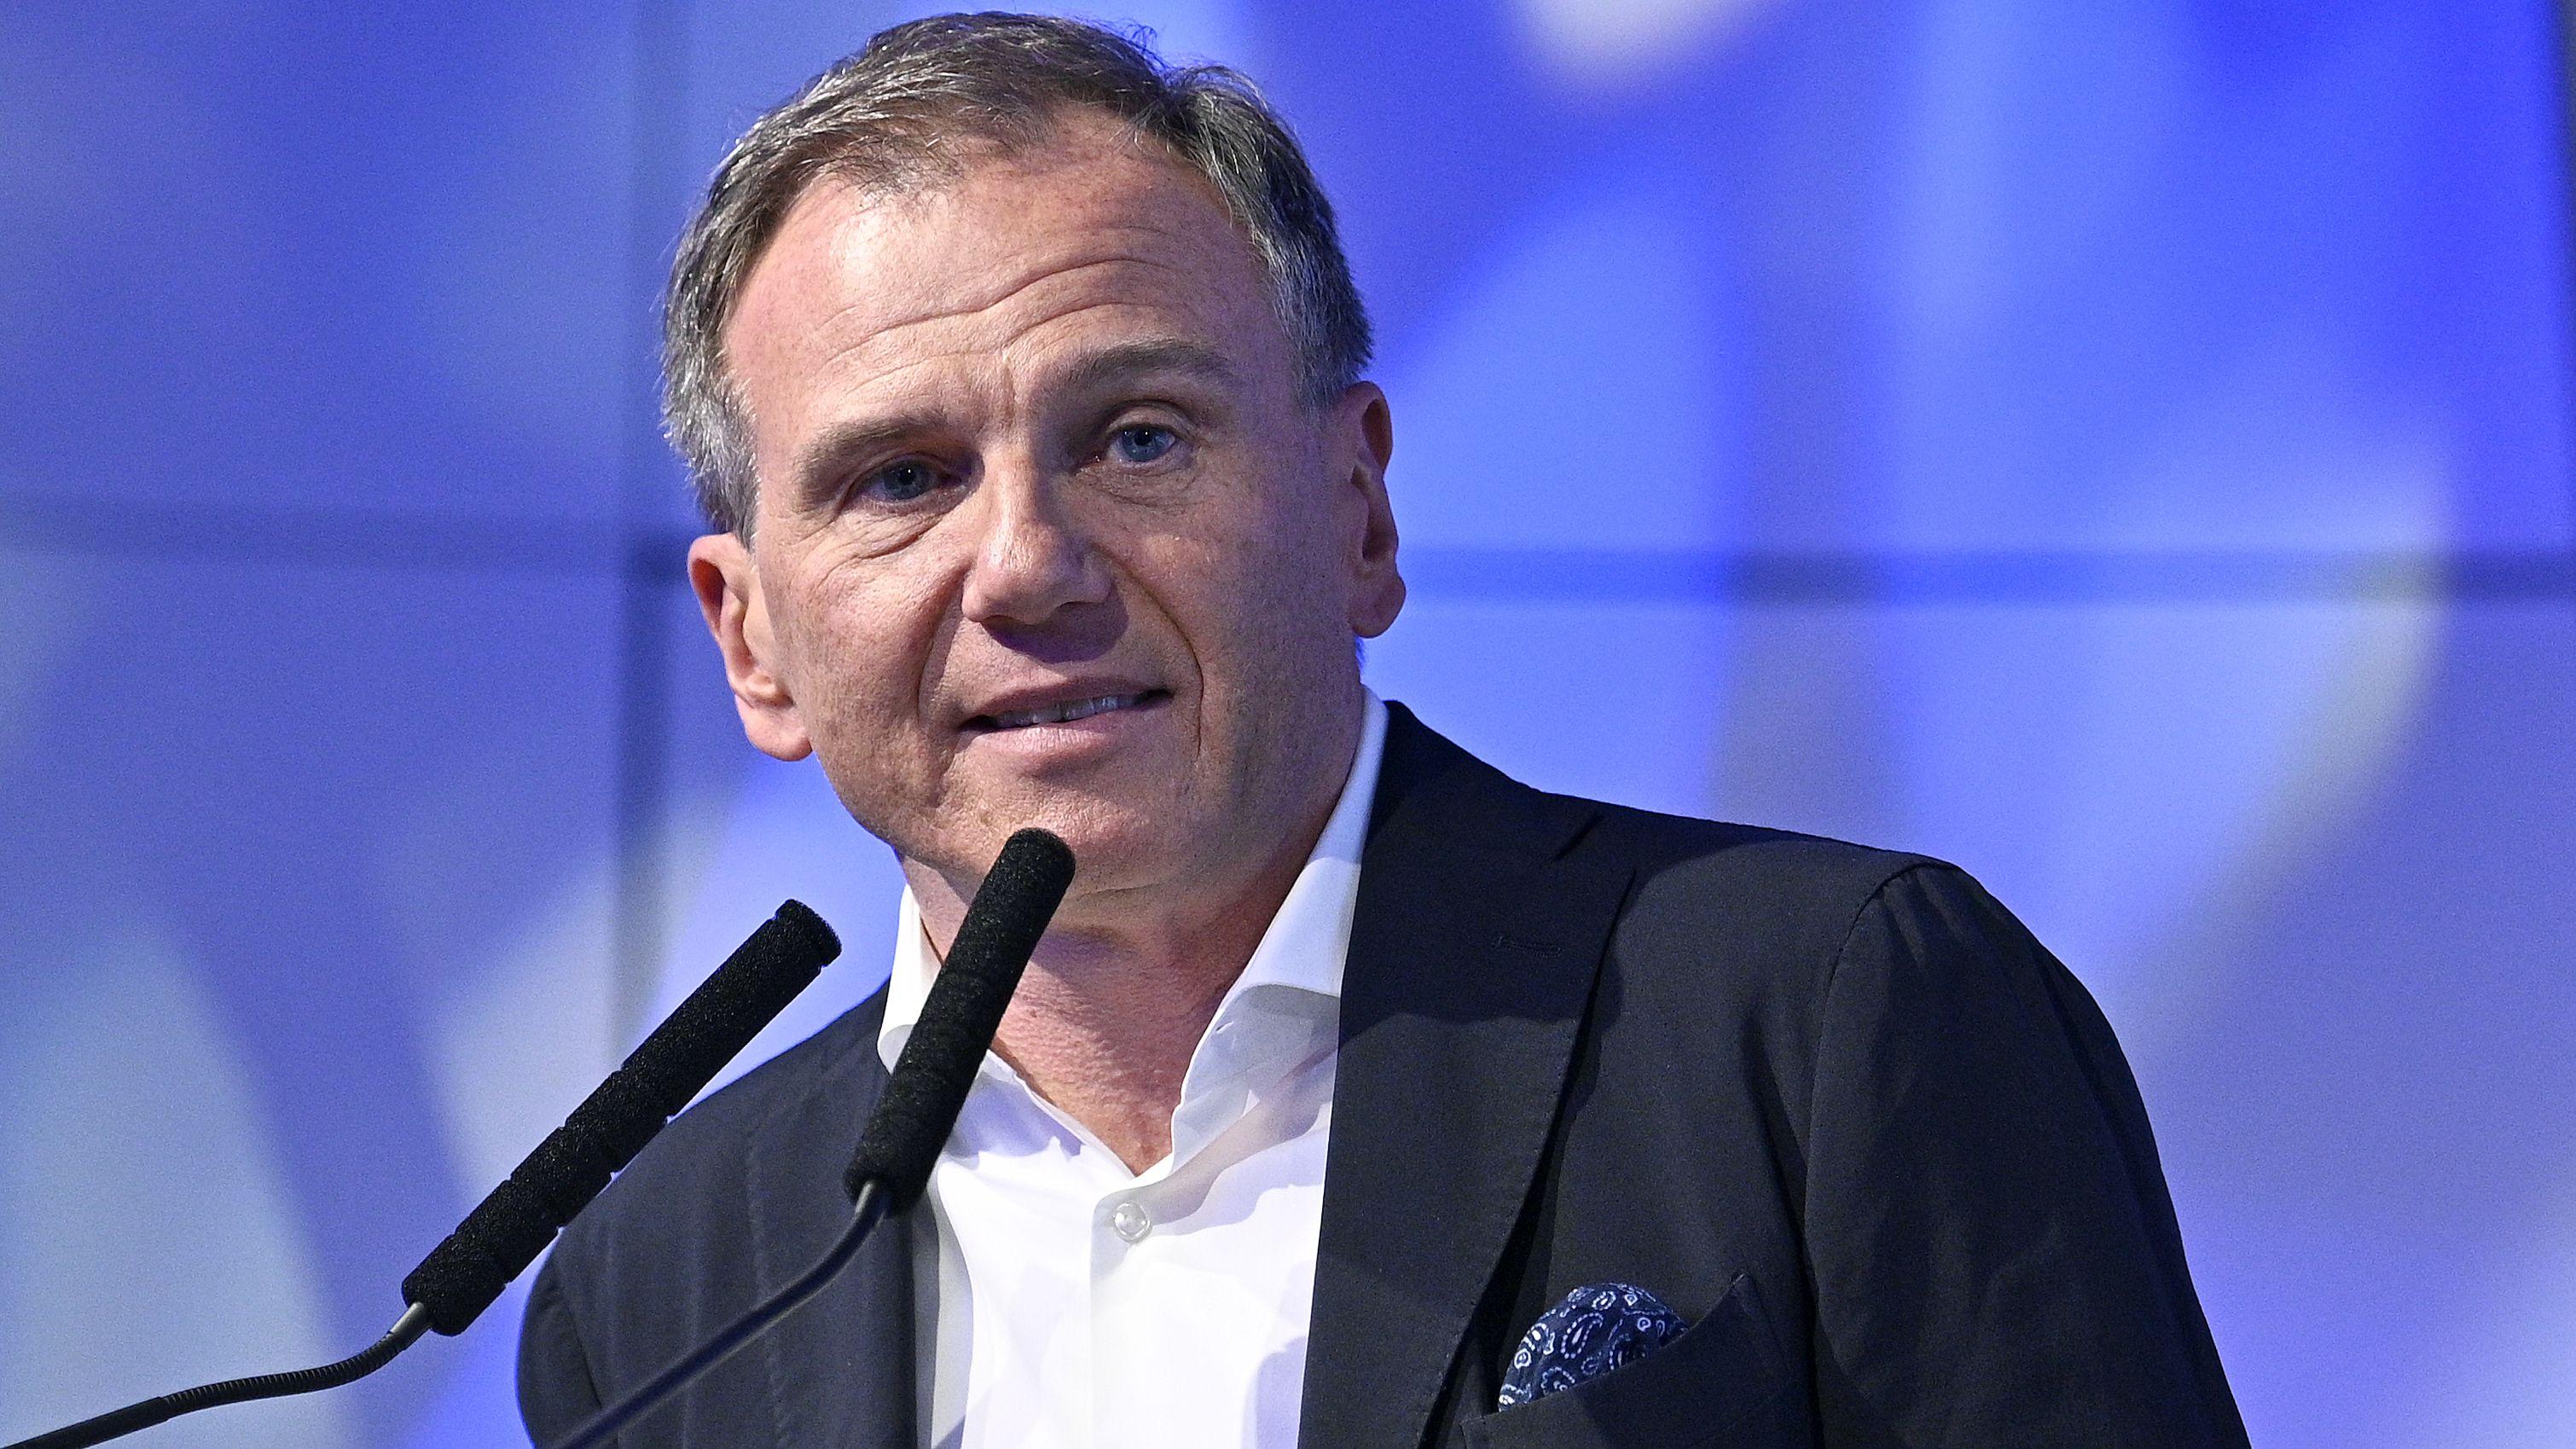 Armin Wolf steht hinter zwei Redner-Mikrofonen, er trägt ein weißes Hemd und ein schwarzes Jacket mit blauem Einstecktuch.